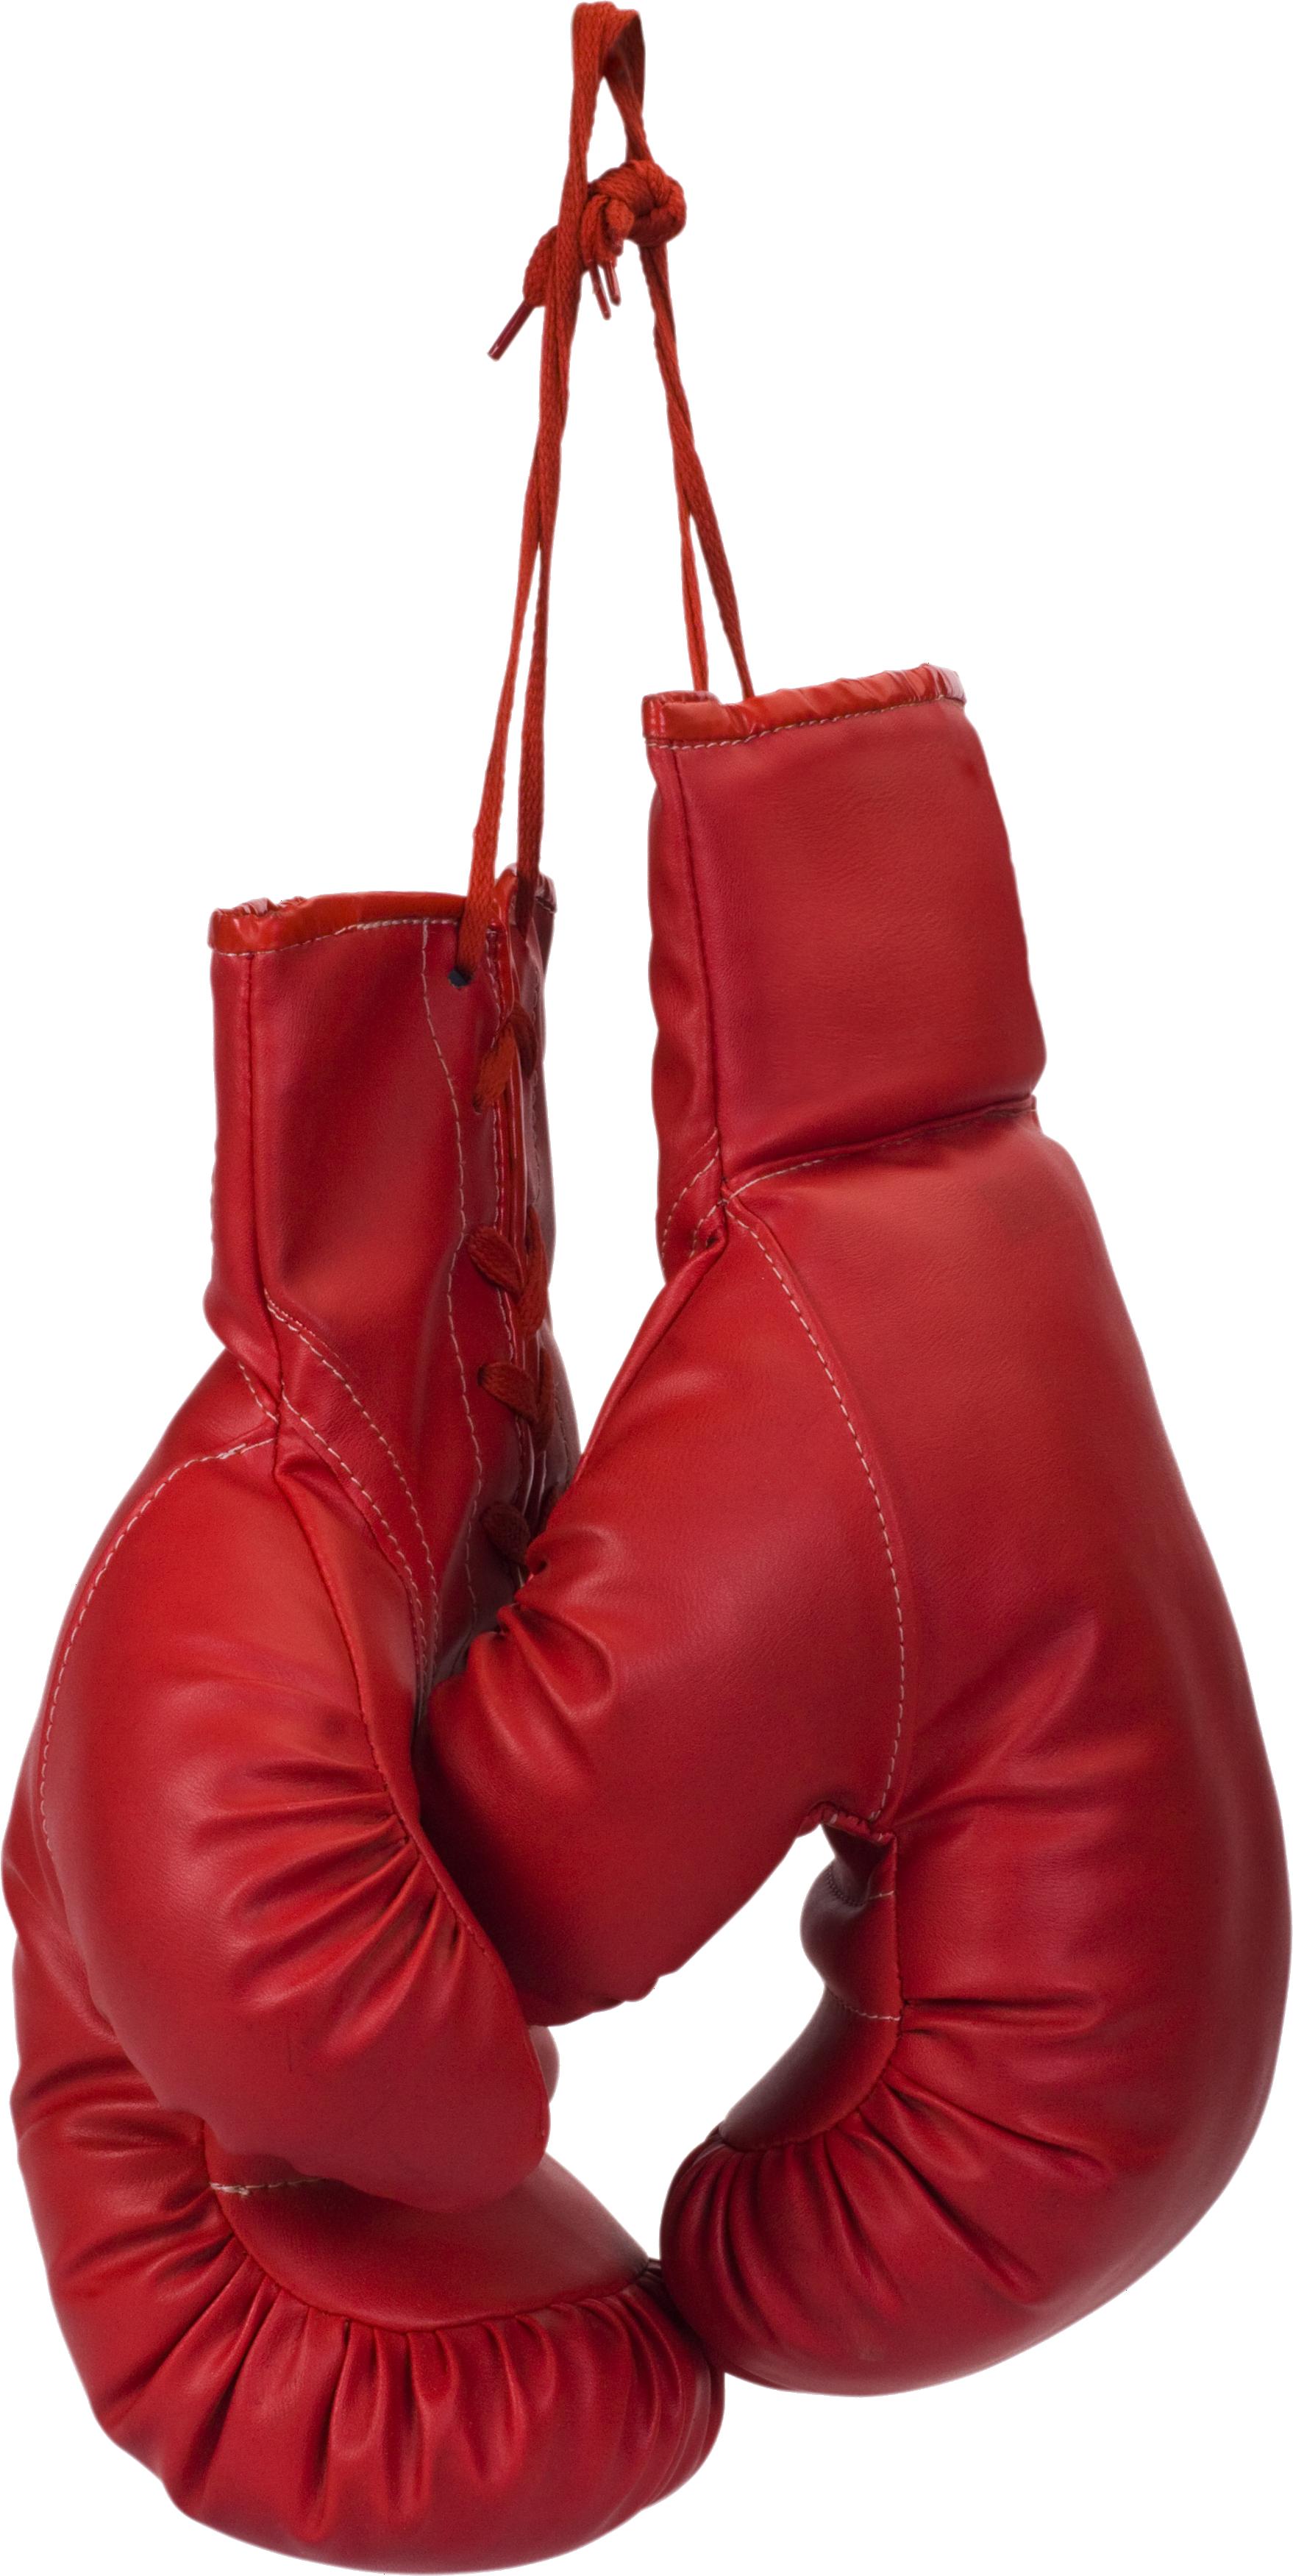 pngimg.com uploads boxing_gloves boxing_gloves_PNG10465 ...